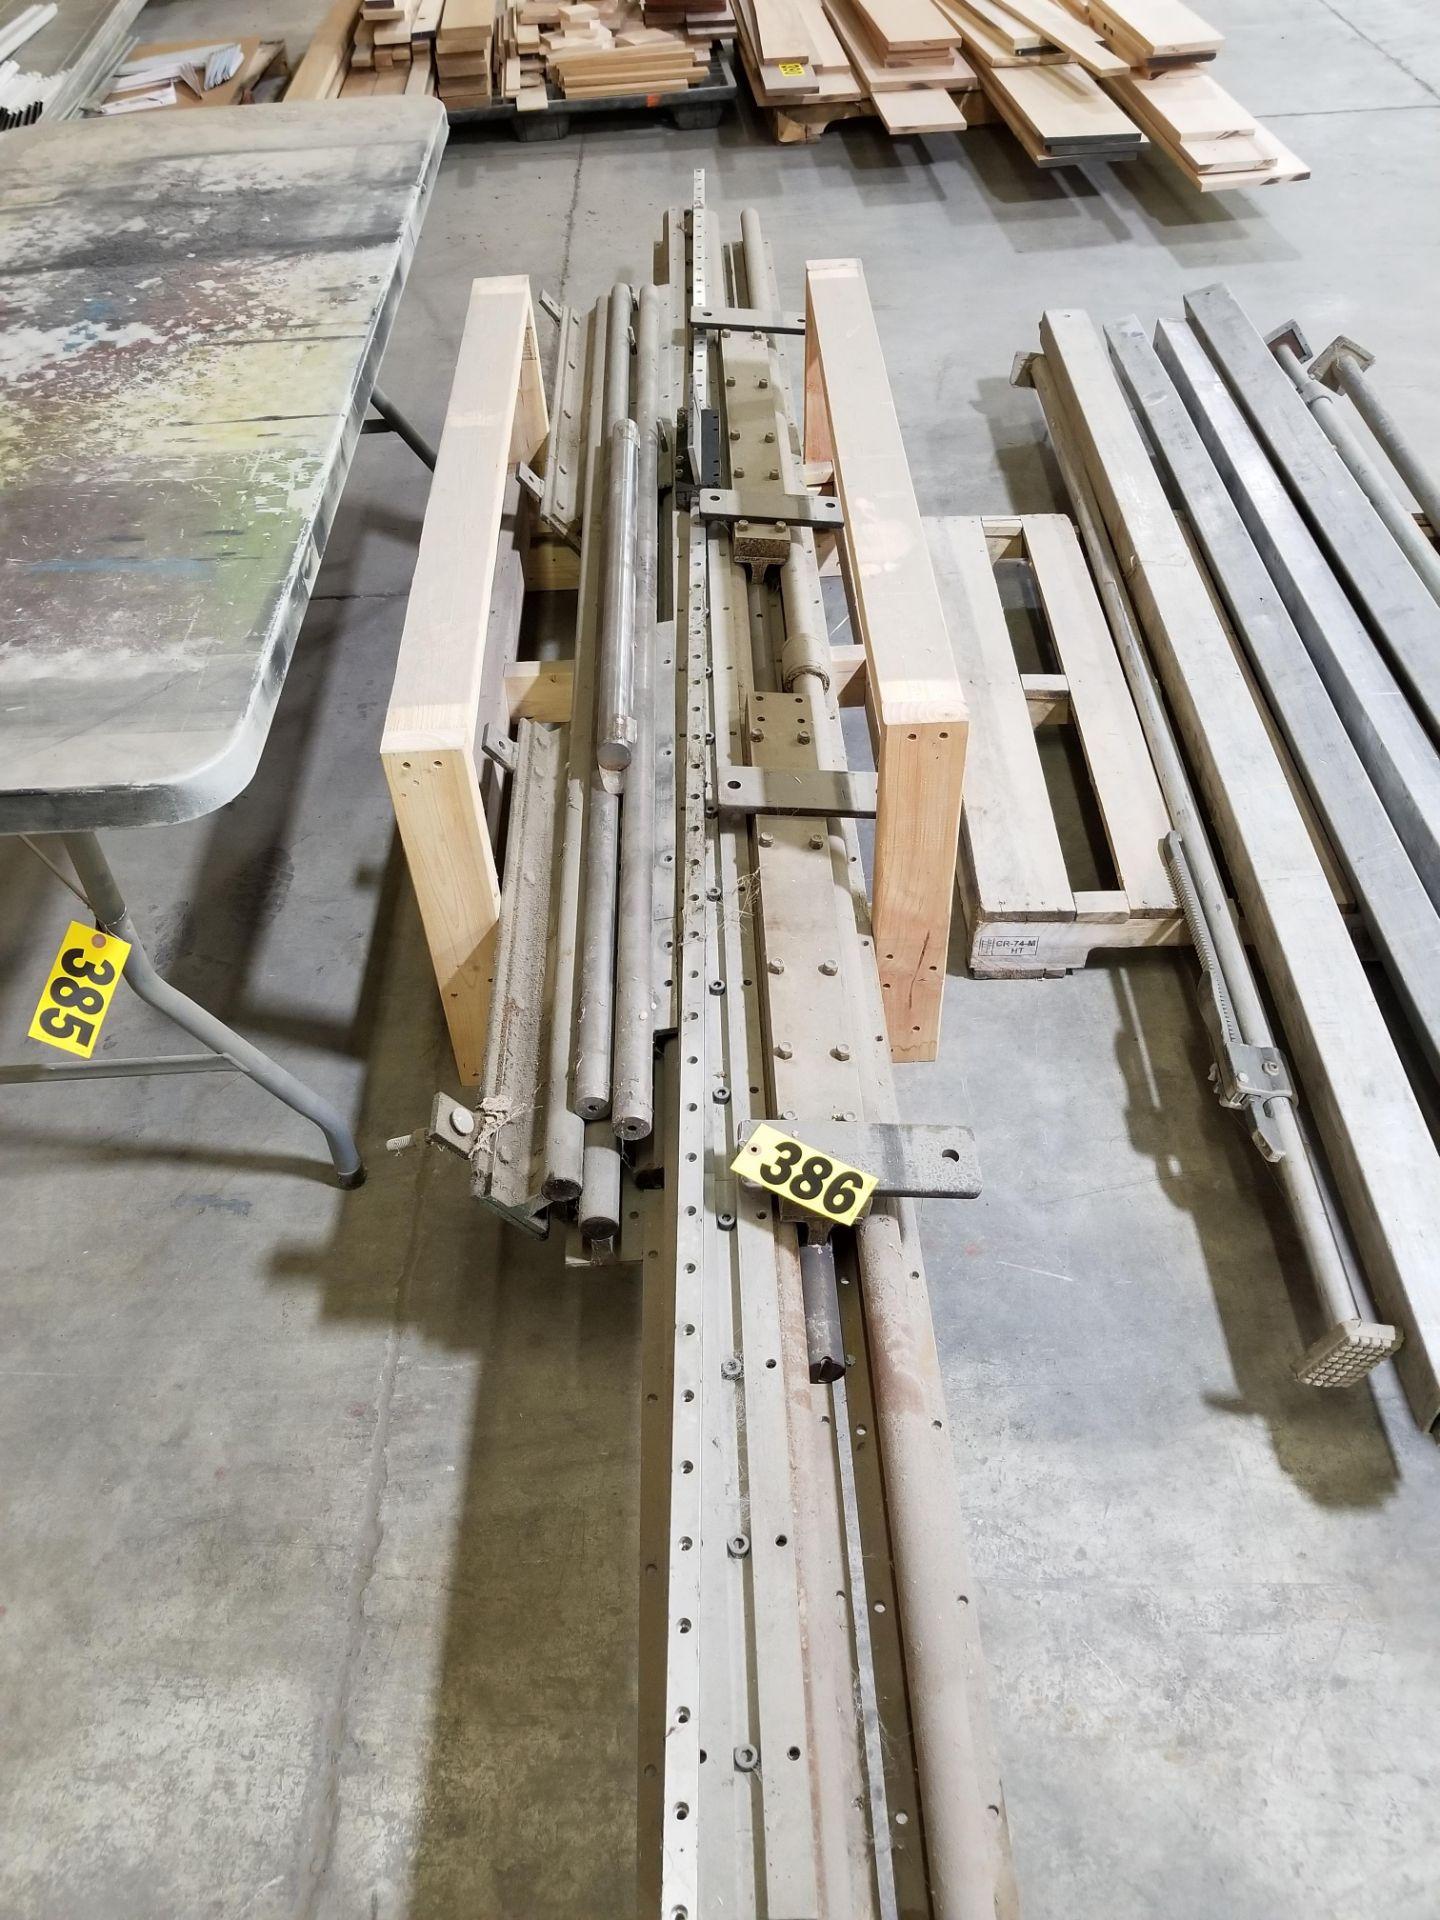 Lot 386 - Lot of Linear Rails